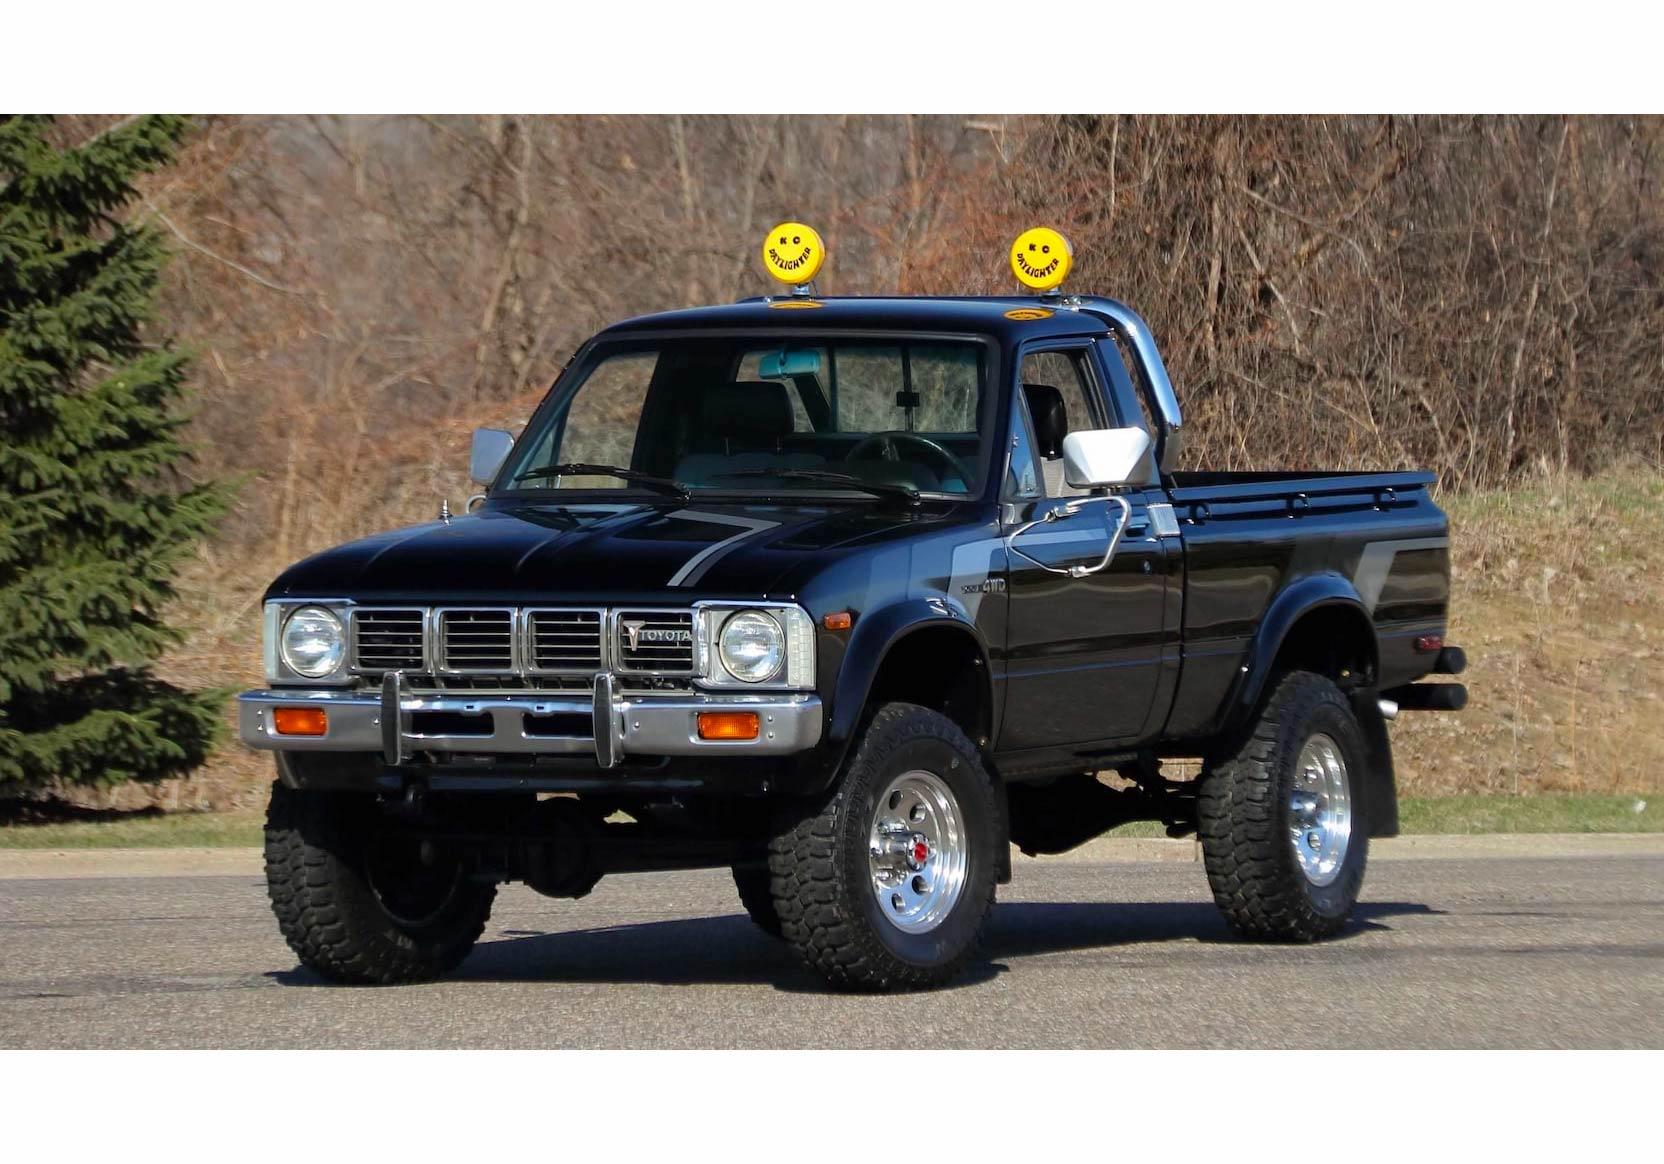 Toyota Hilux DLX Pickup Truck